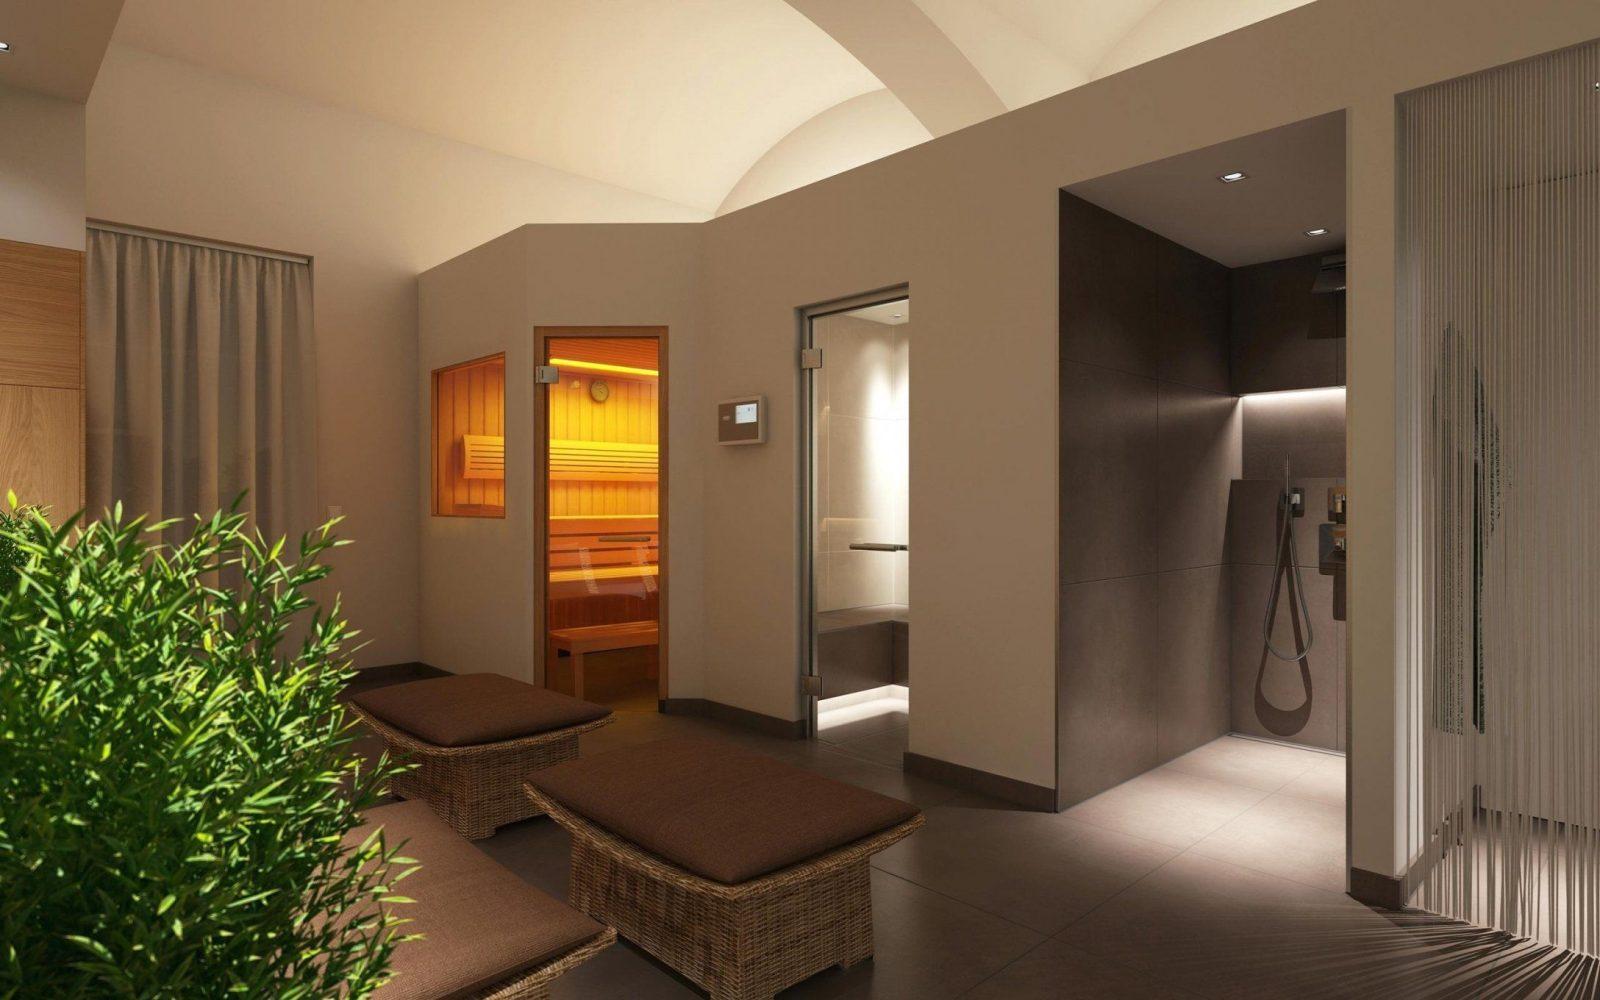 Sauna Im Keller Anzeige Abluft Einbauen Selber Bauen von Sauna Im Keller Einbauen Bild